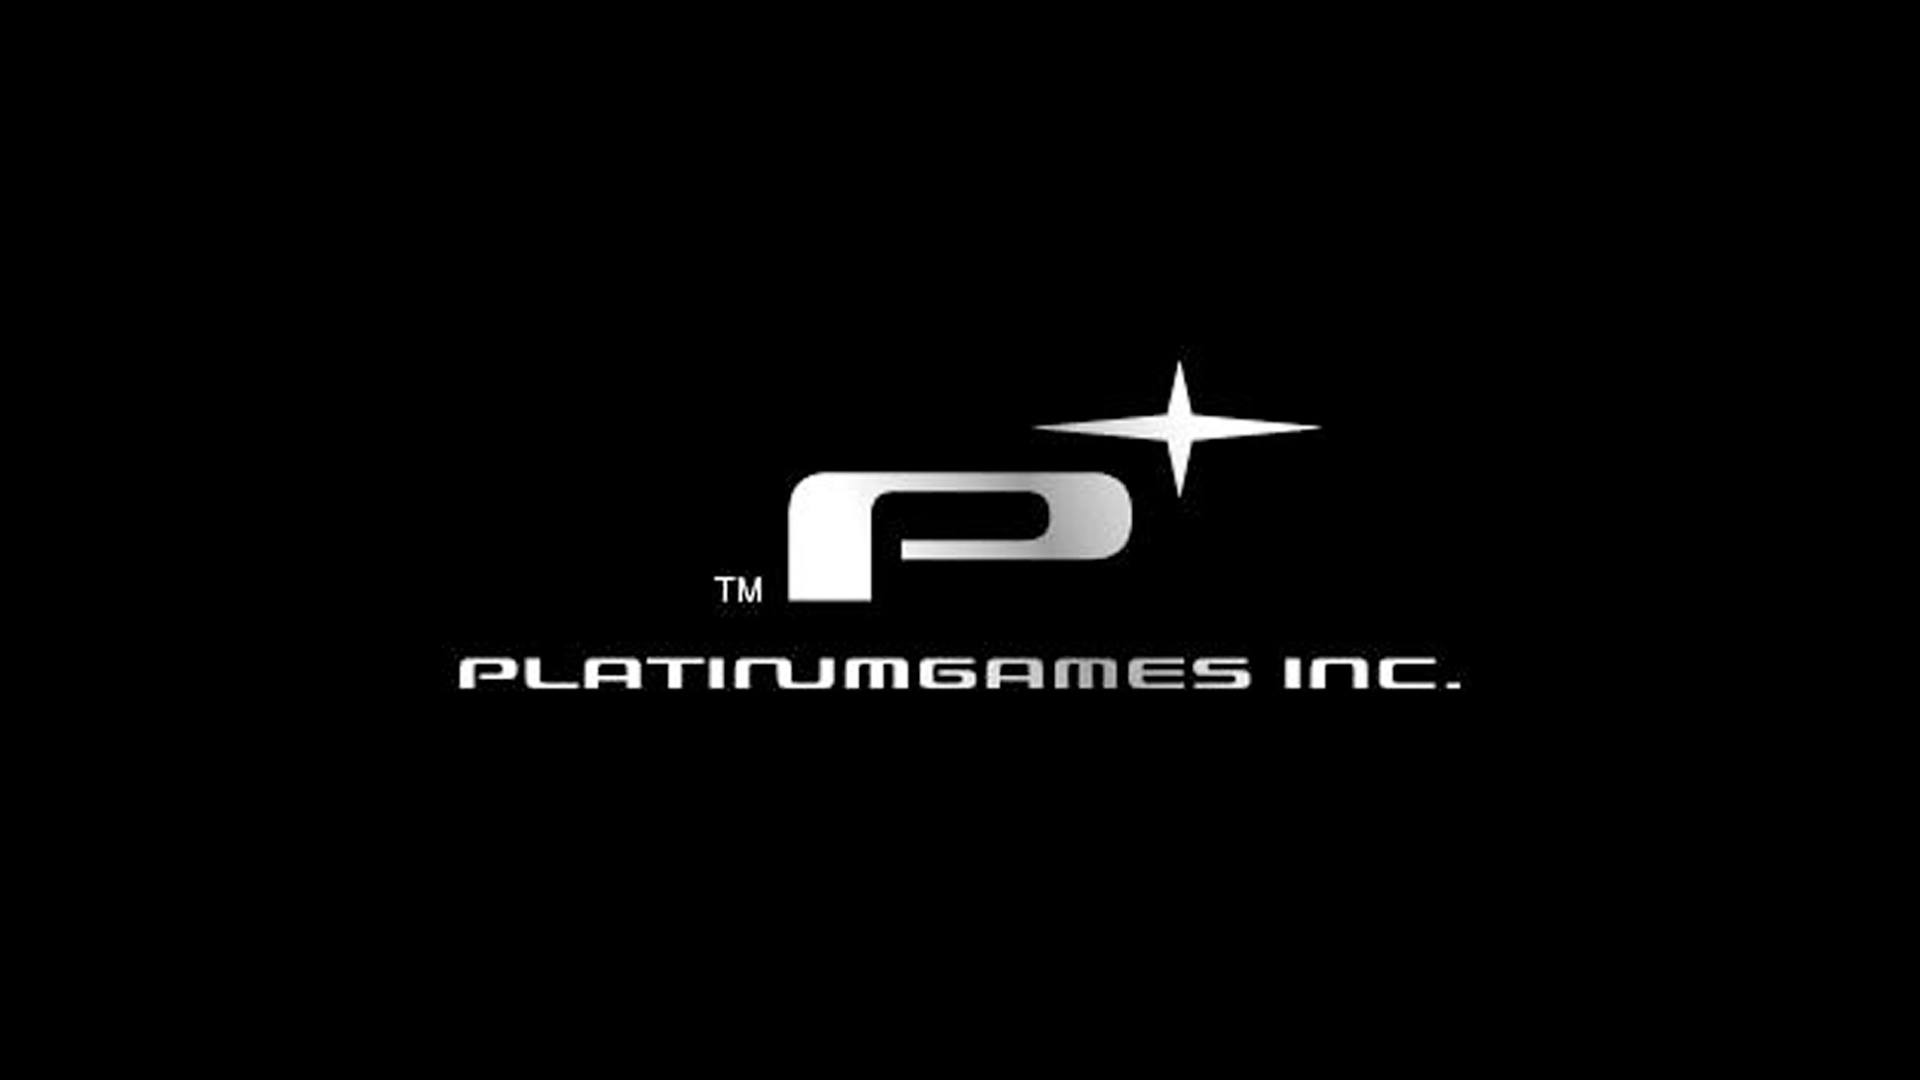 پروژه-های-مشترک-پلاتینوم-گیمز